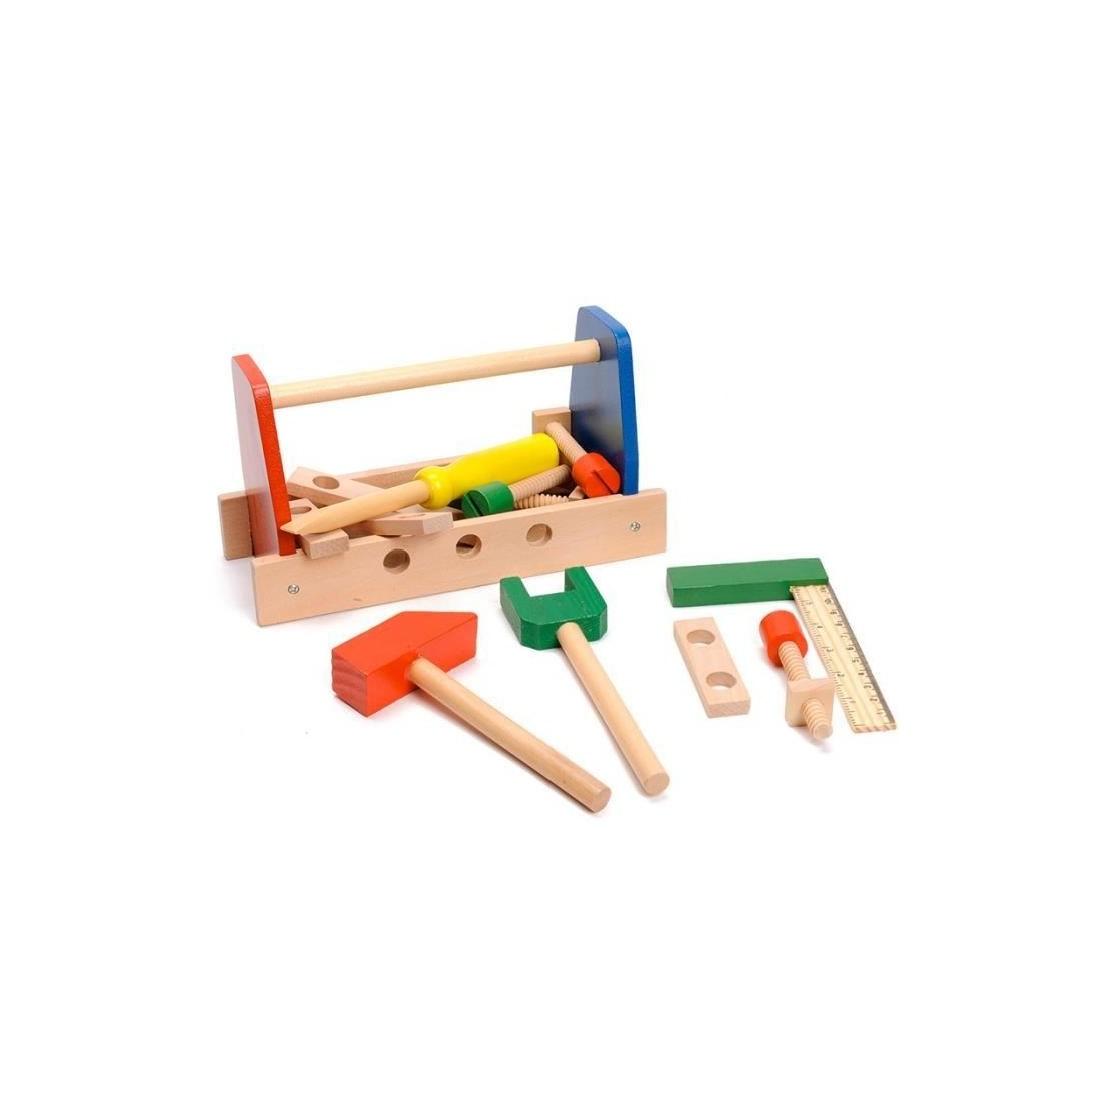 Boite à outils en bois 13 pièces